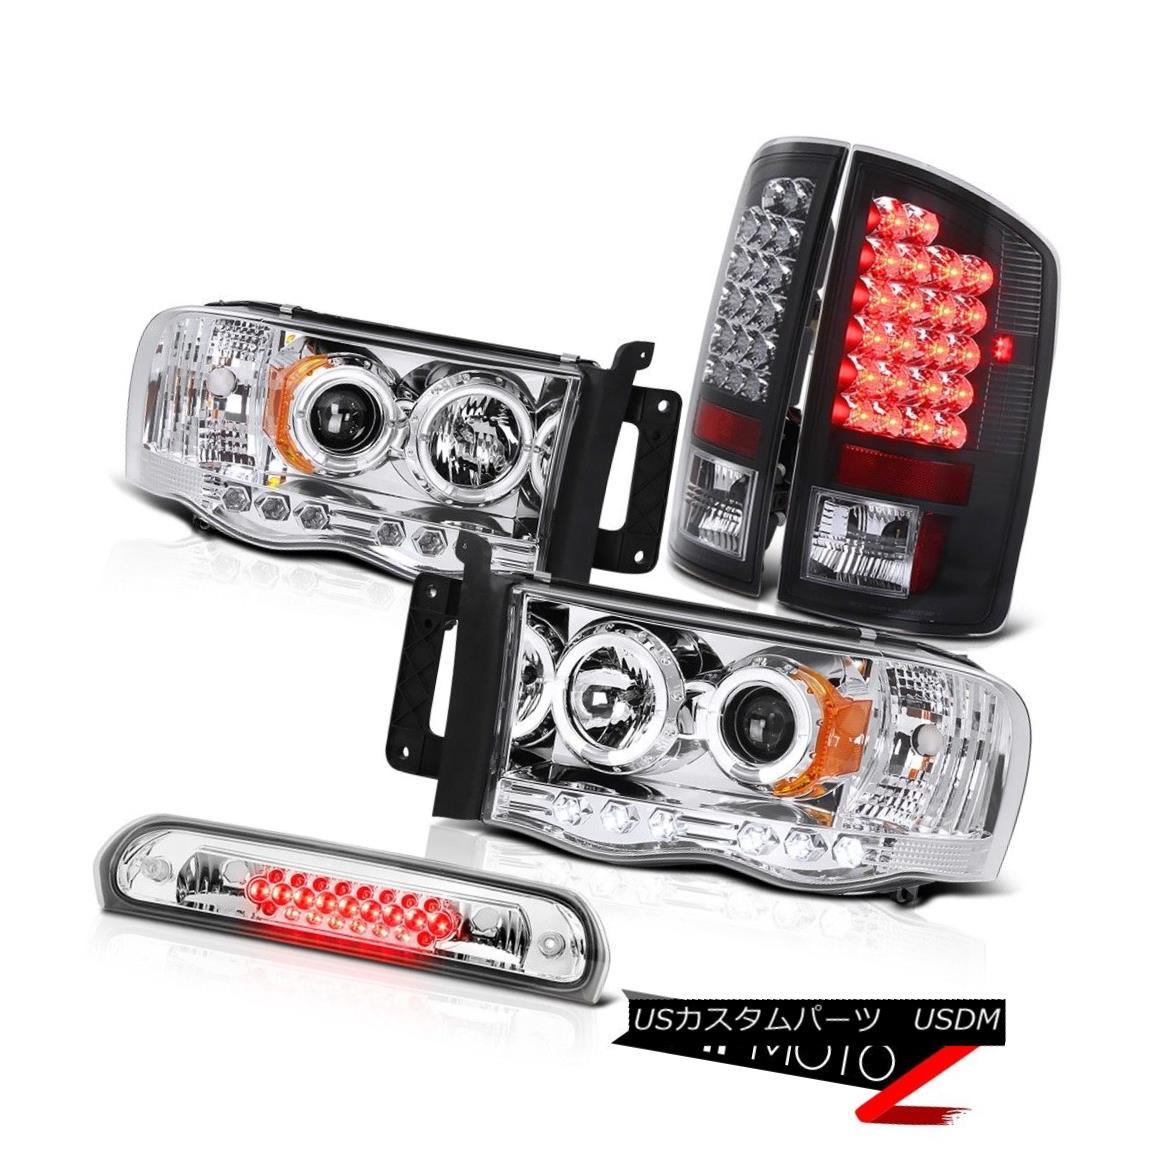 ヘッドライト Halo LED Headlights Matte Black Tail Lights High Brake 02 03 04 05 Ram SRT-10 Halo LEDヘッドライトマットブラックテールライトハイブレーキ02 03 04 05ラムSRT-10